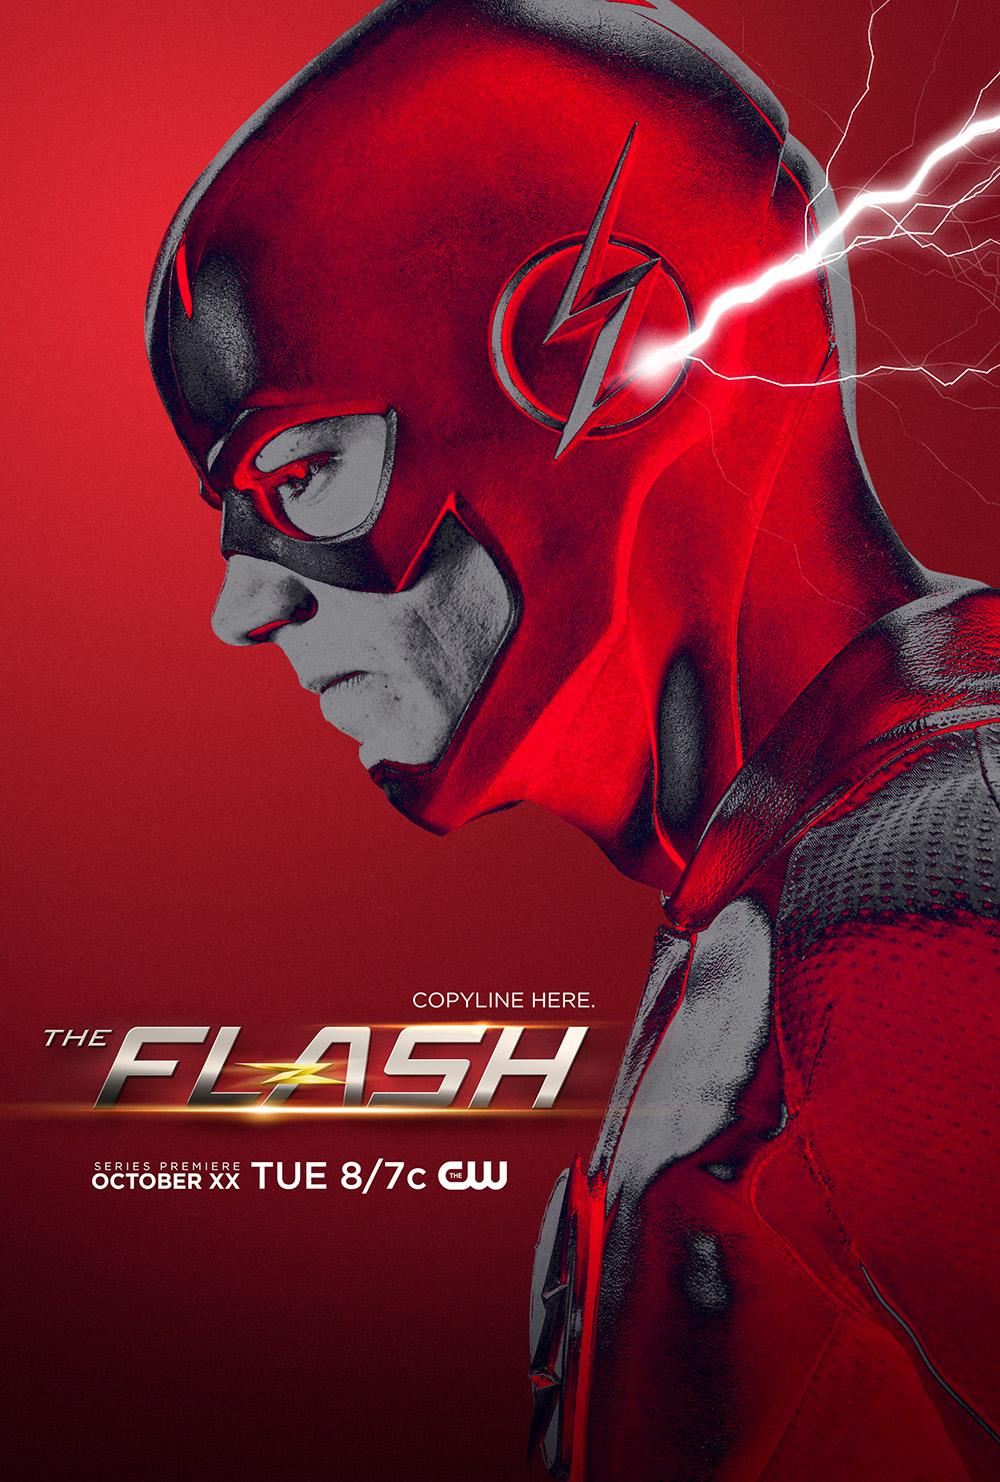 Verwonderlijk The Flash Season 2 // The CW on Behance DG-68